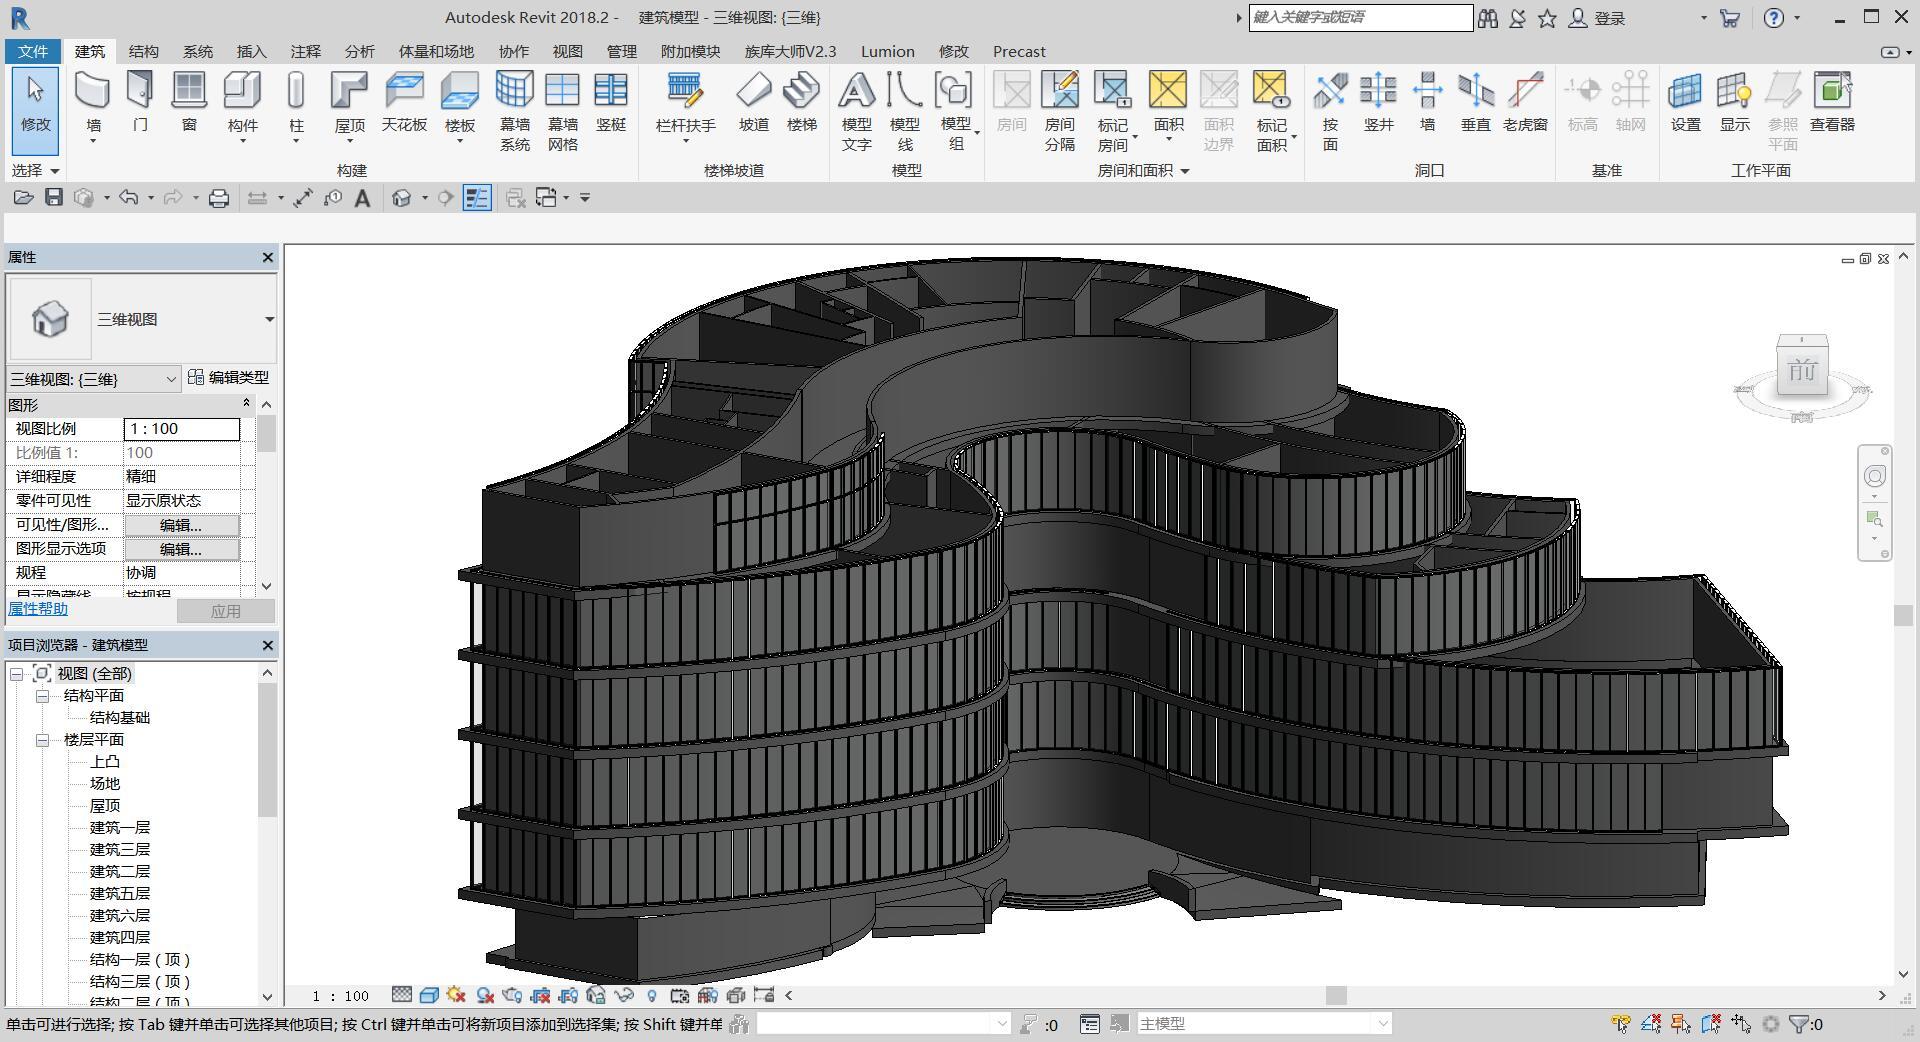 建筑模型图片.jpg